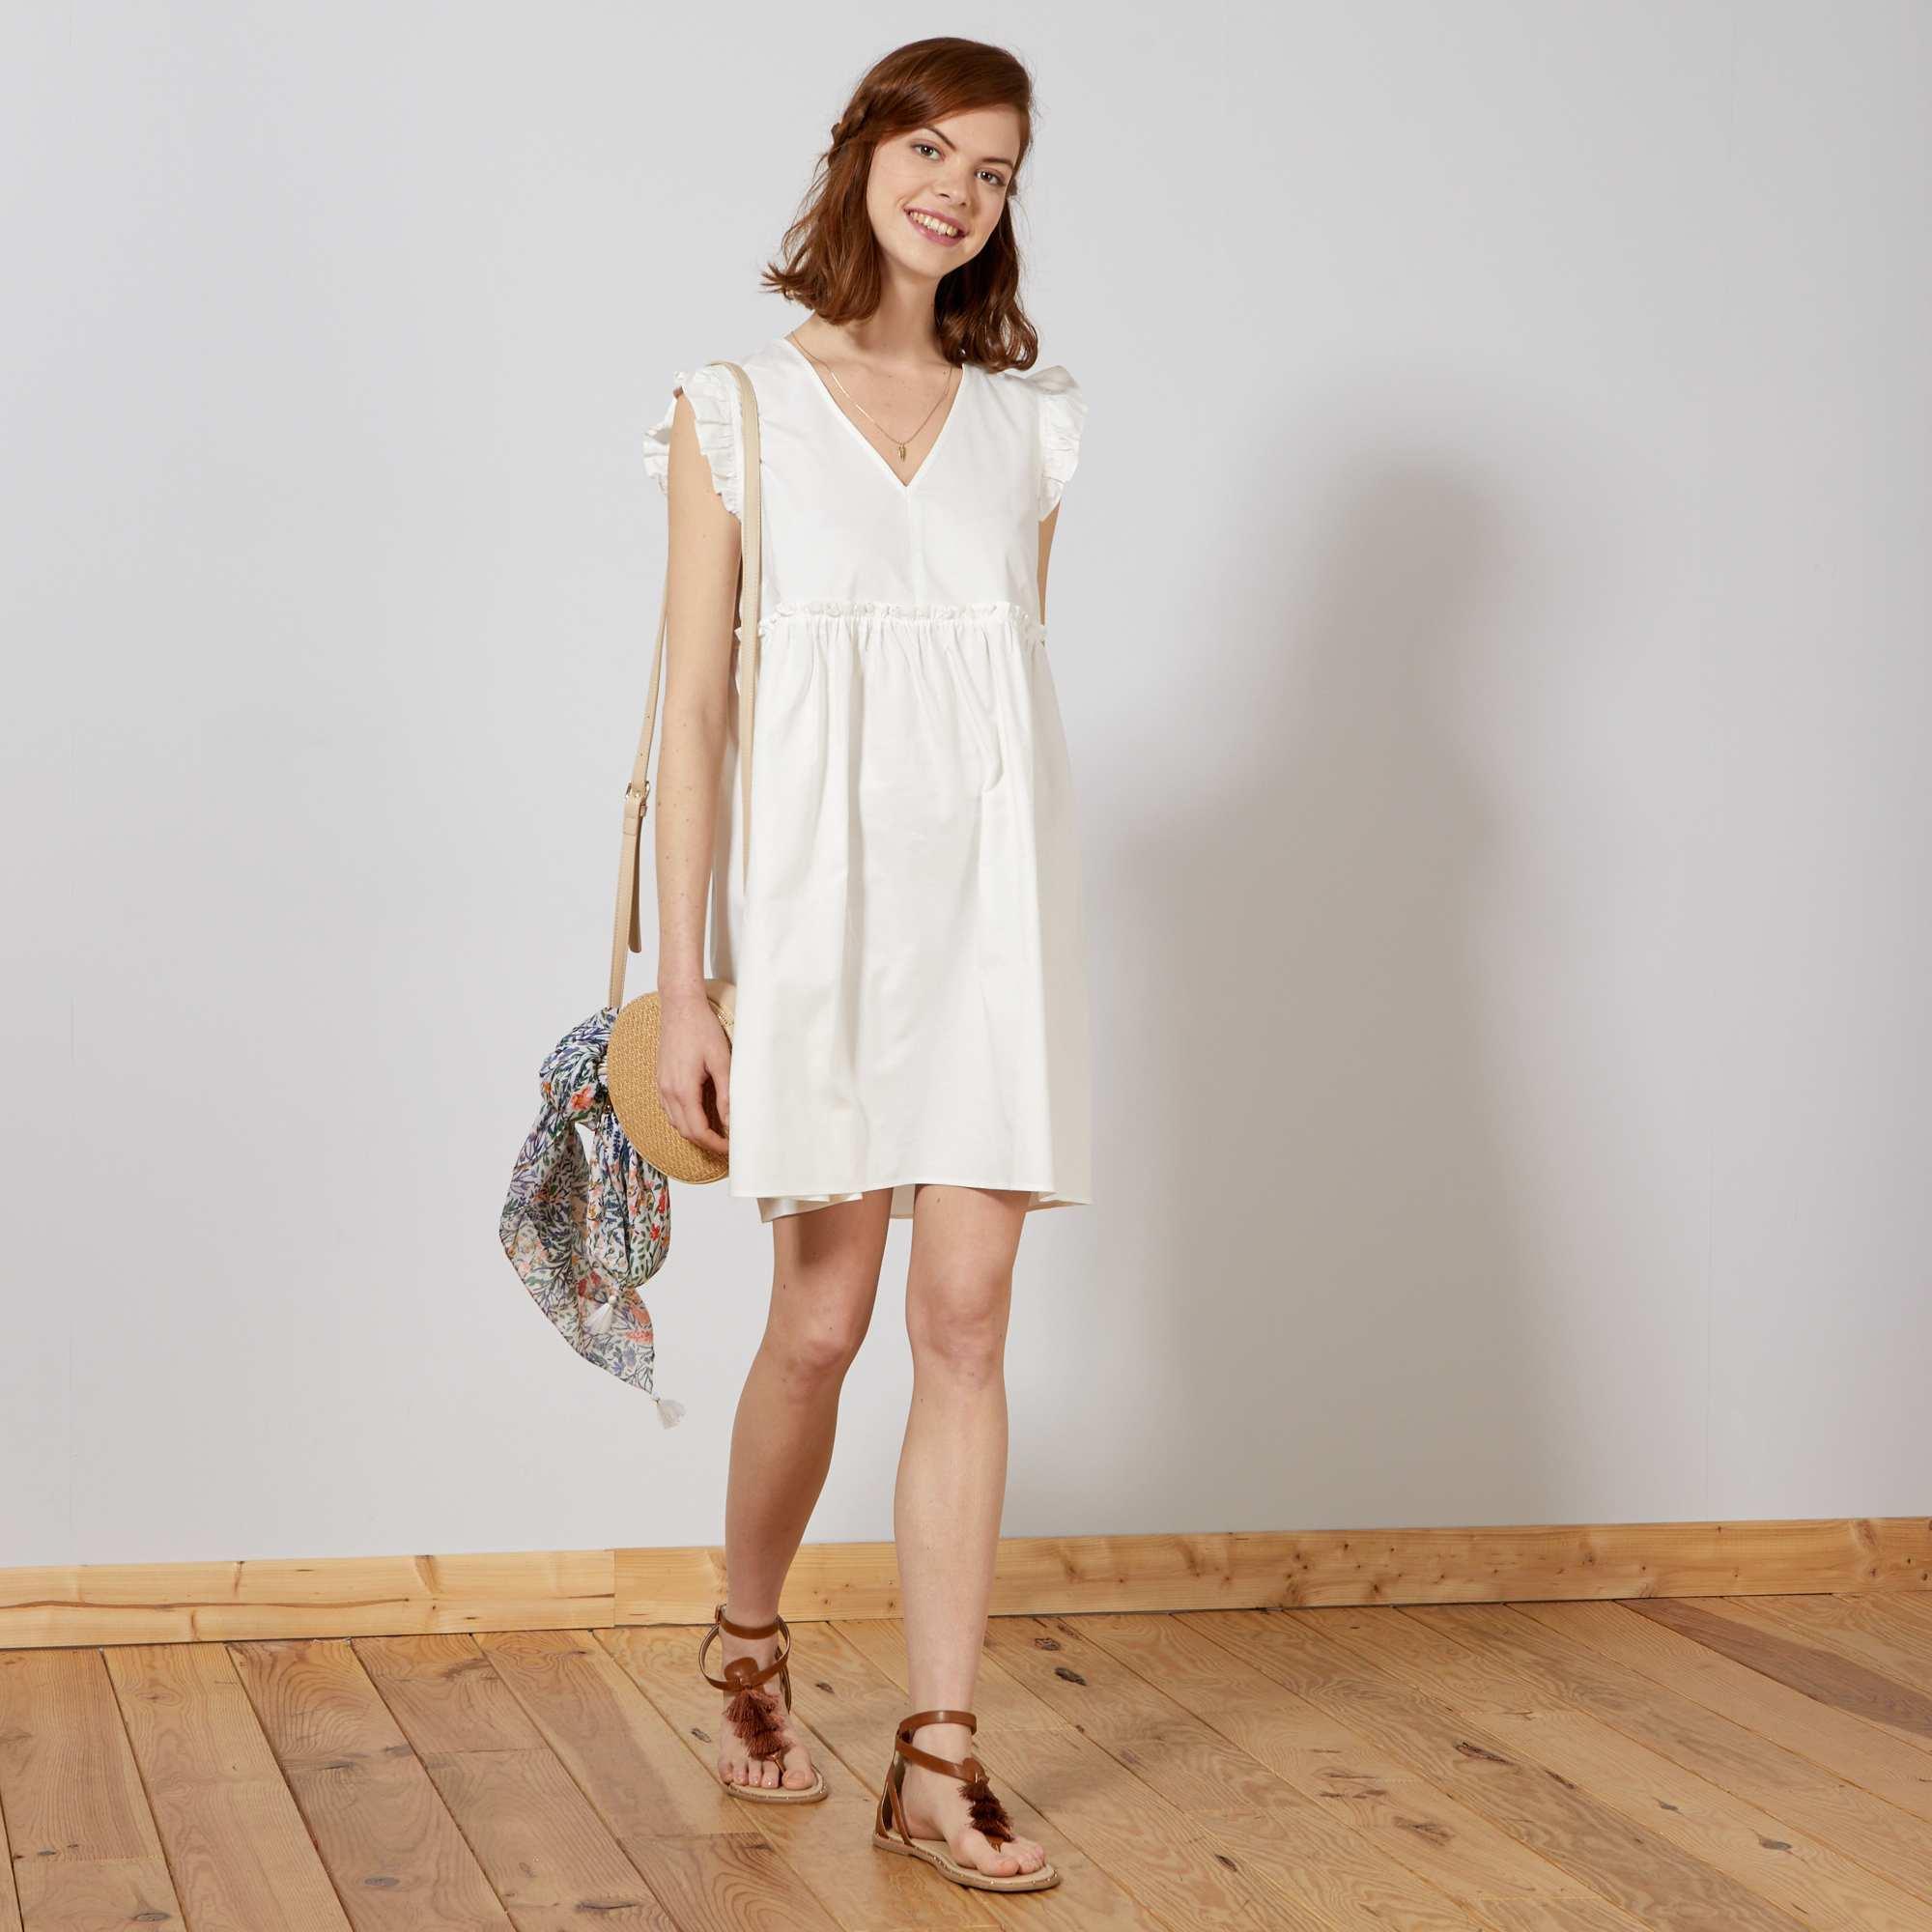 77a4997c210 Robe esprit baby doll Femme - blanc - Kiabi - 18